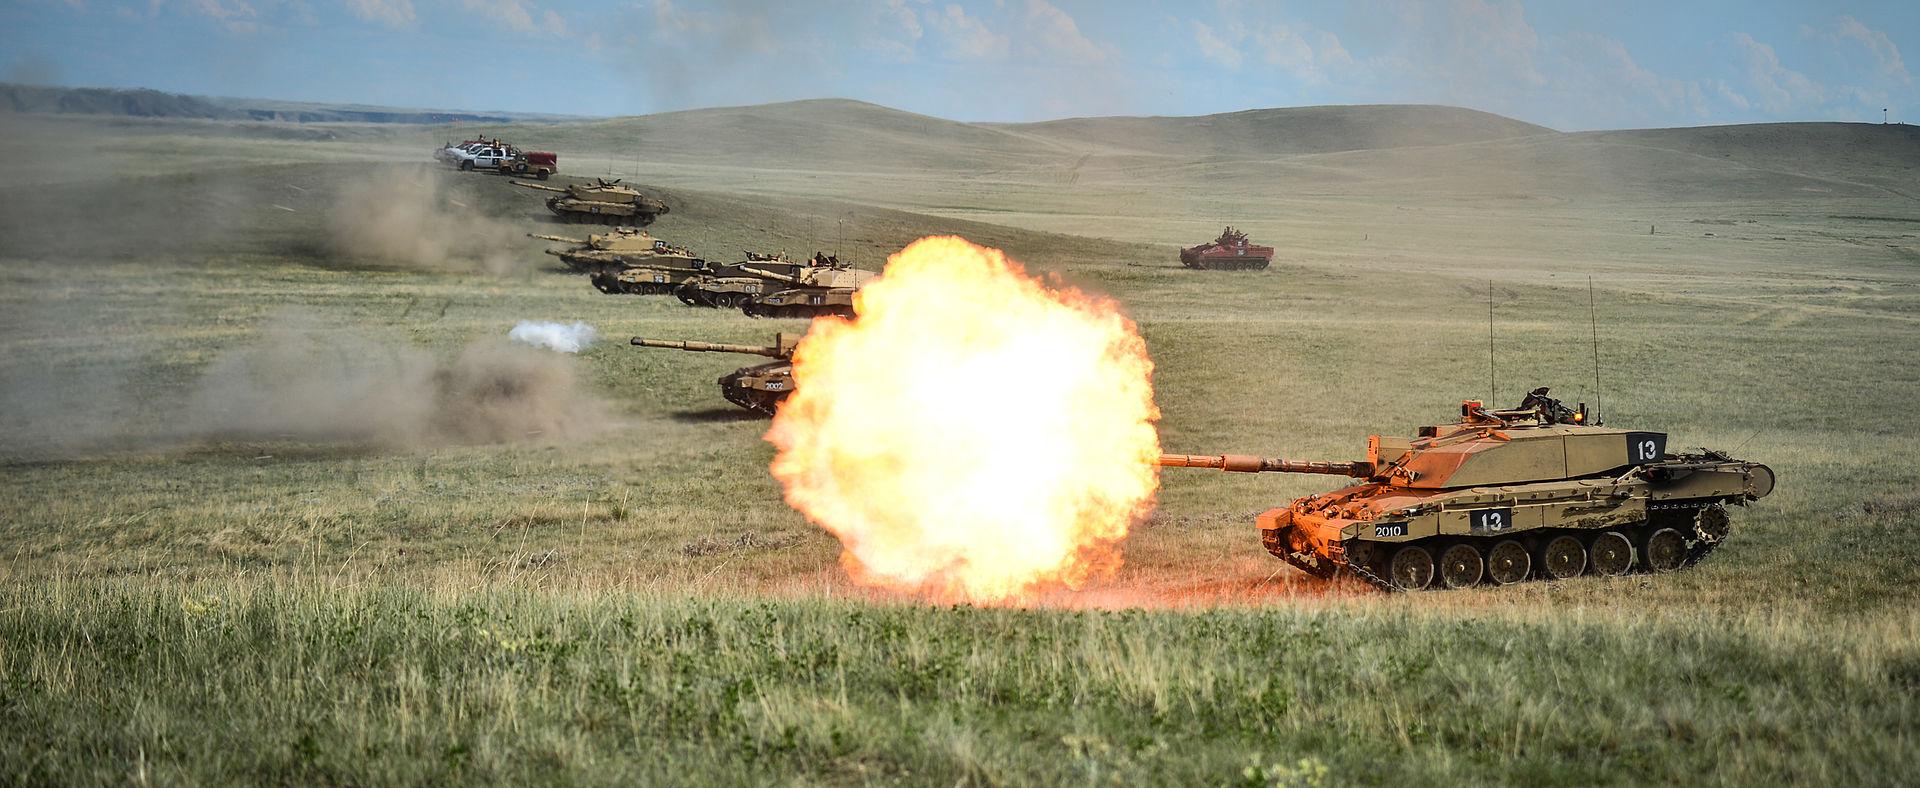 MBT.jpg